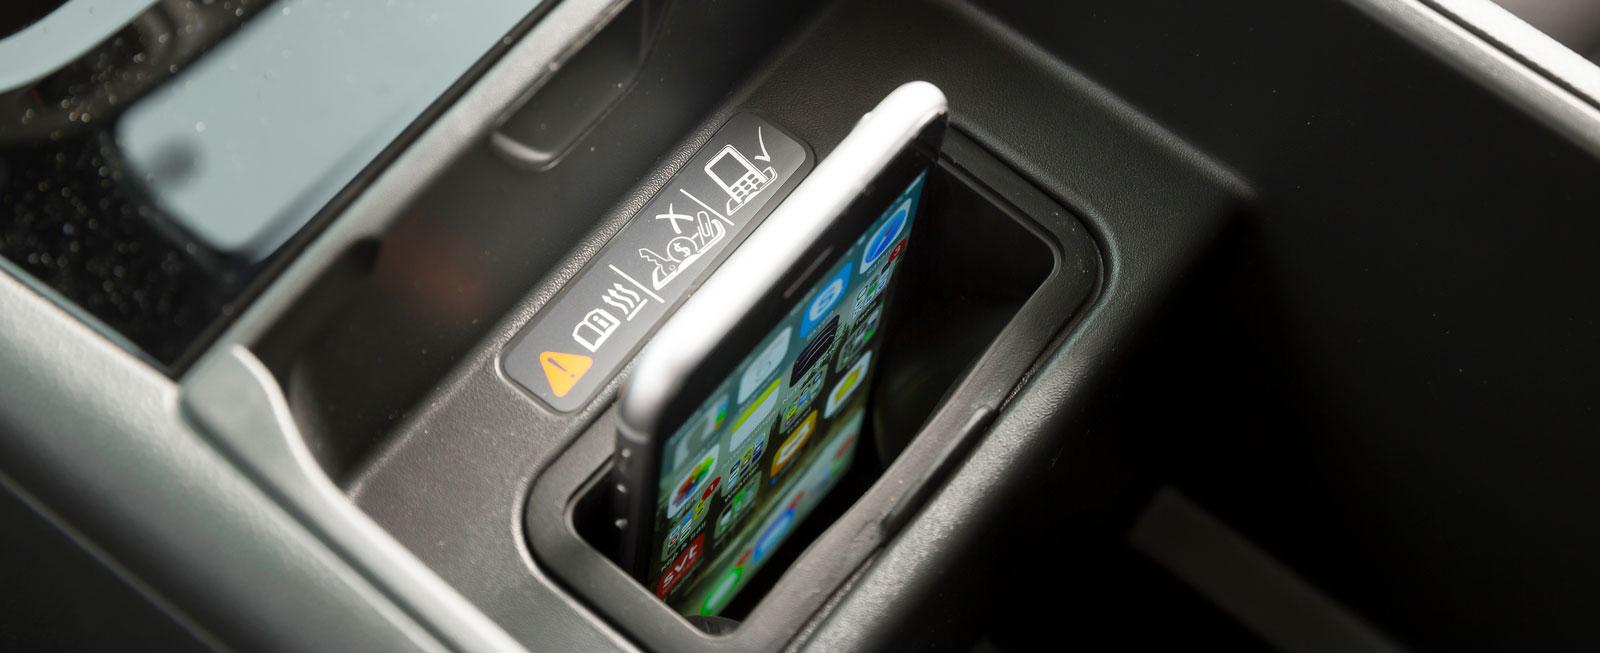 I ett specialfack mellan framstolarna kan telefonen både förvaras och laddas induktivt. Finessen är tillval för 900 kr.